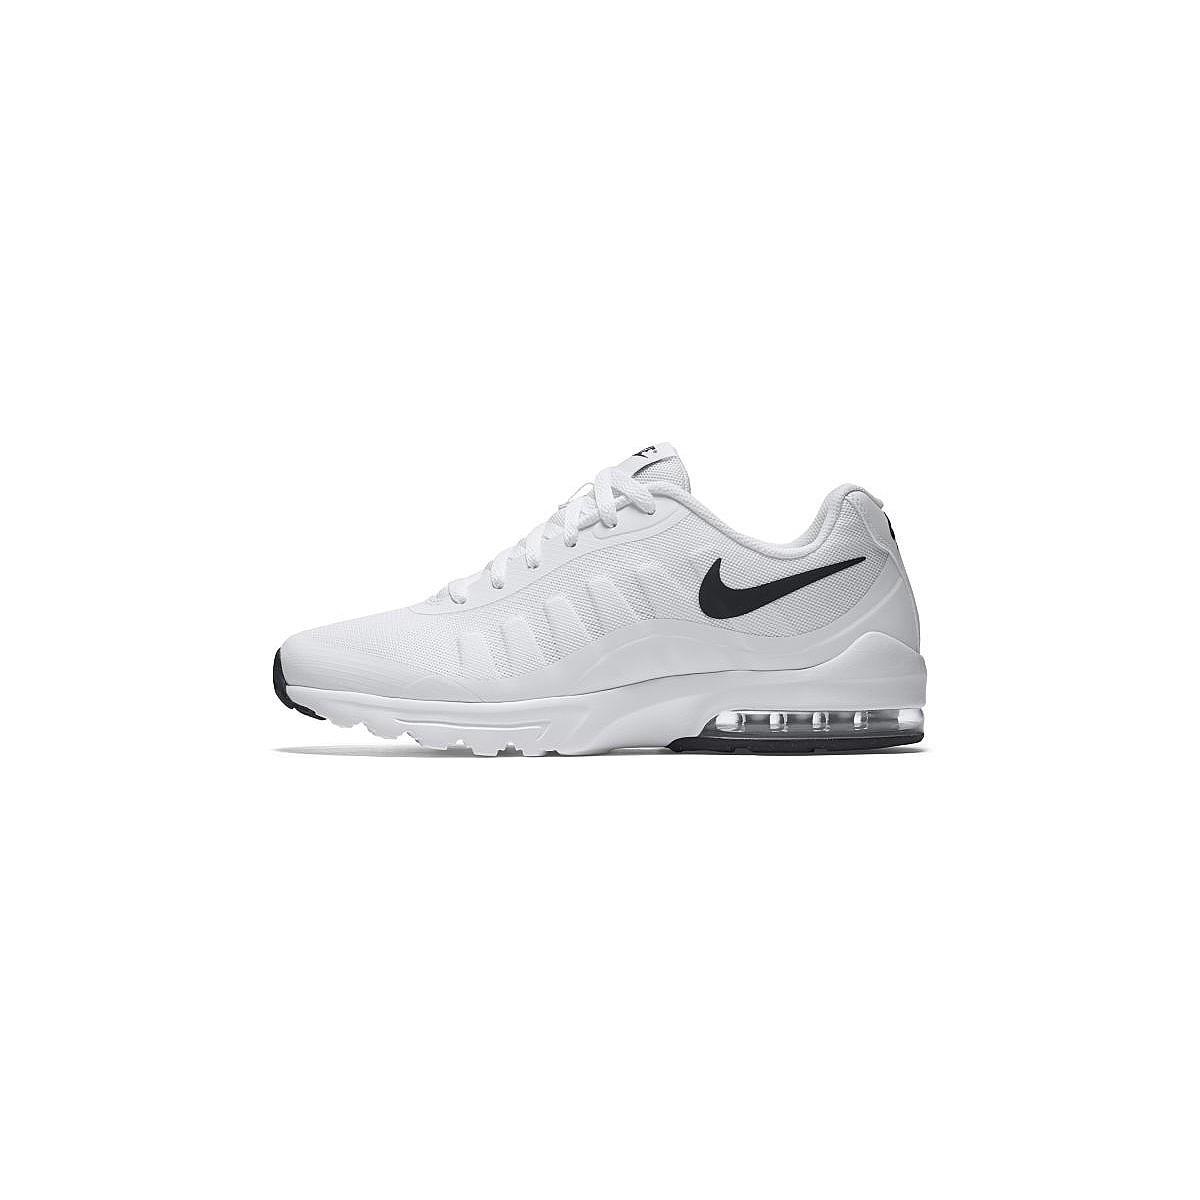 more photos ae8b9 12fde NIKE: Comprar Zapatillas Nike Air Max | Nike Invigor 749680 100 Blancas